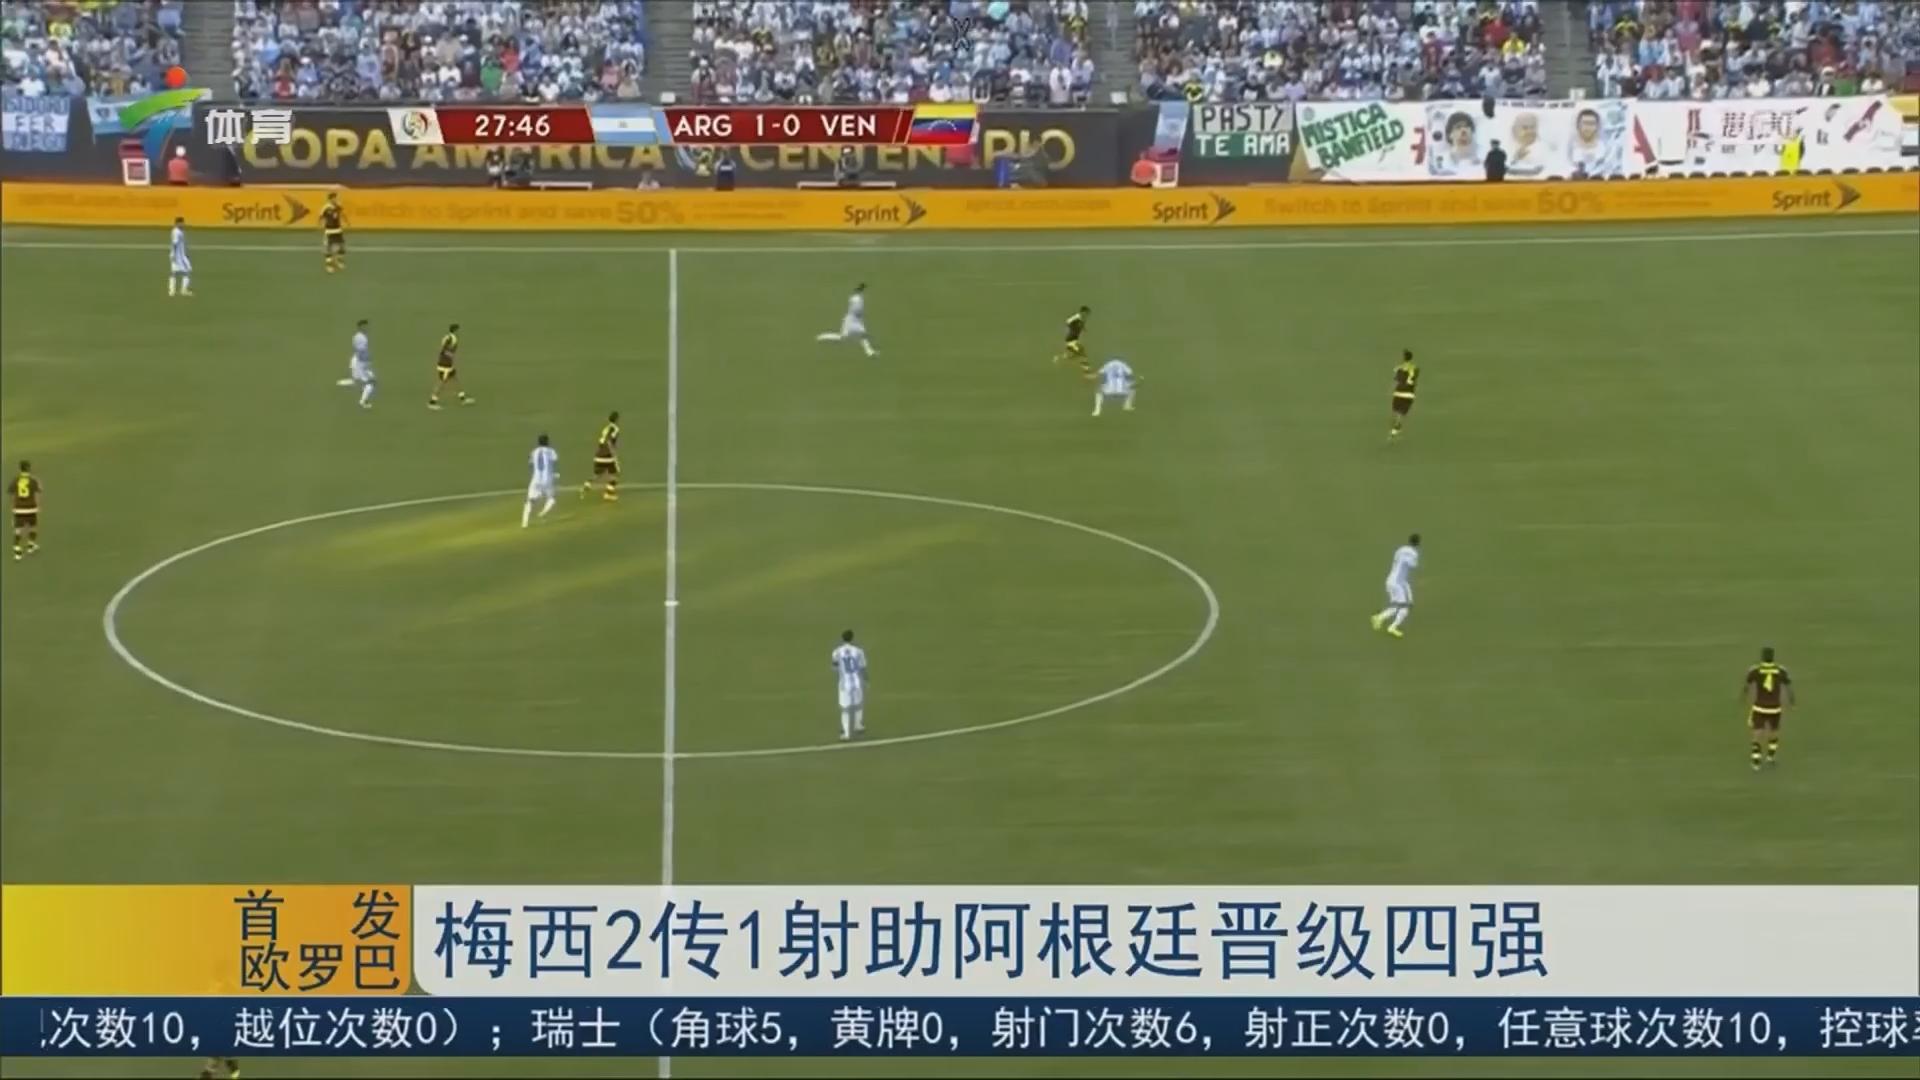 梅西2传1射助阿根廷晋级四强